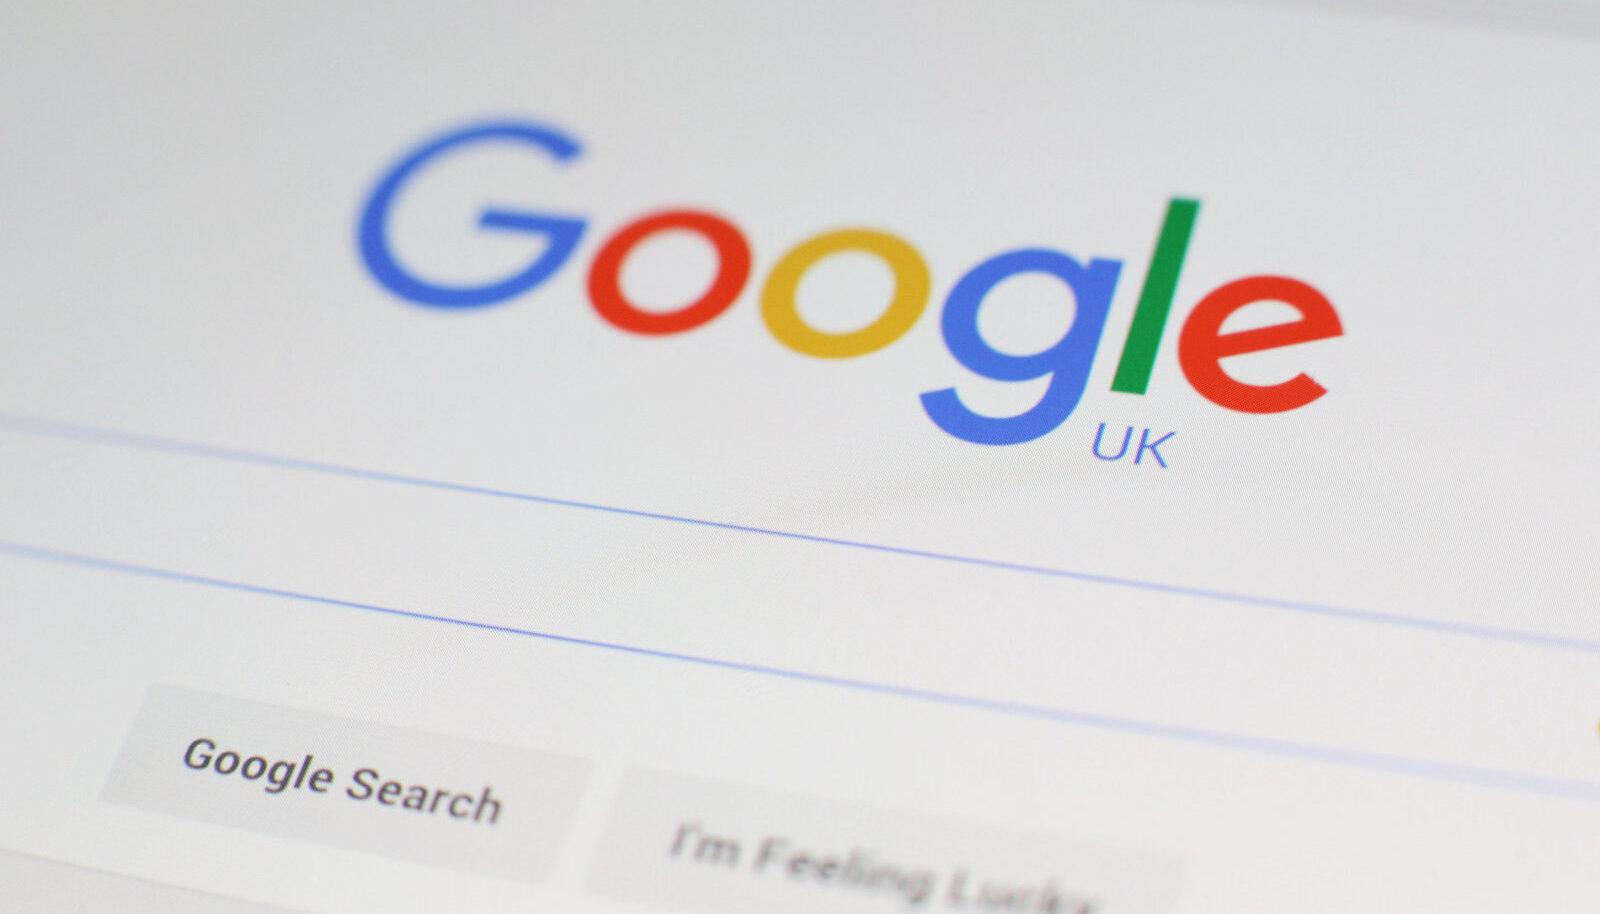 Google'i otsingukast